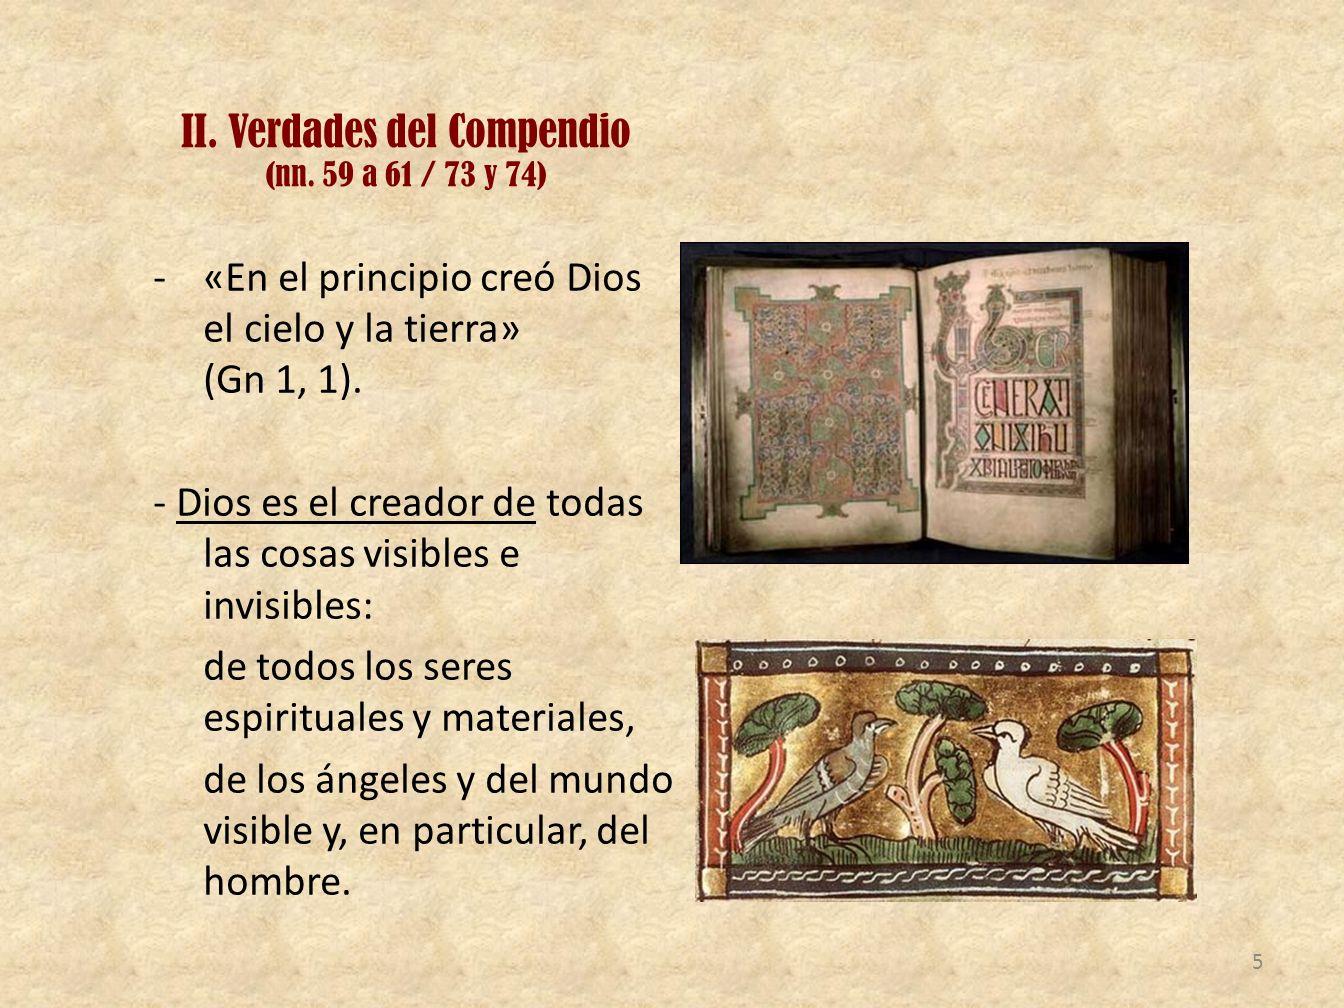 II. Verdades del Compendio (nn. 59 a 61 / 73 y 74)